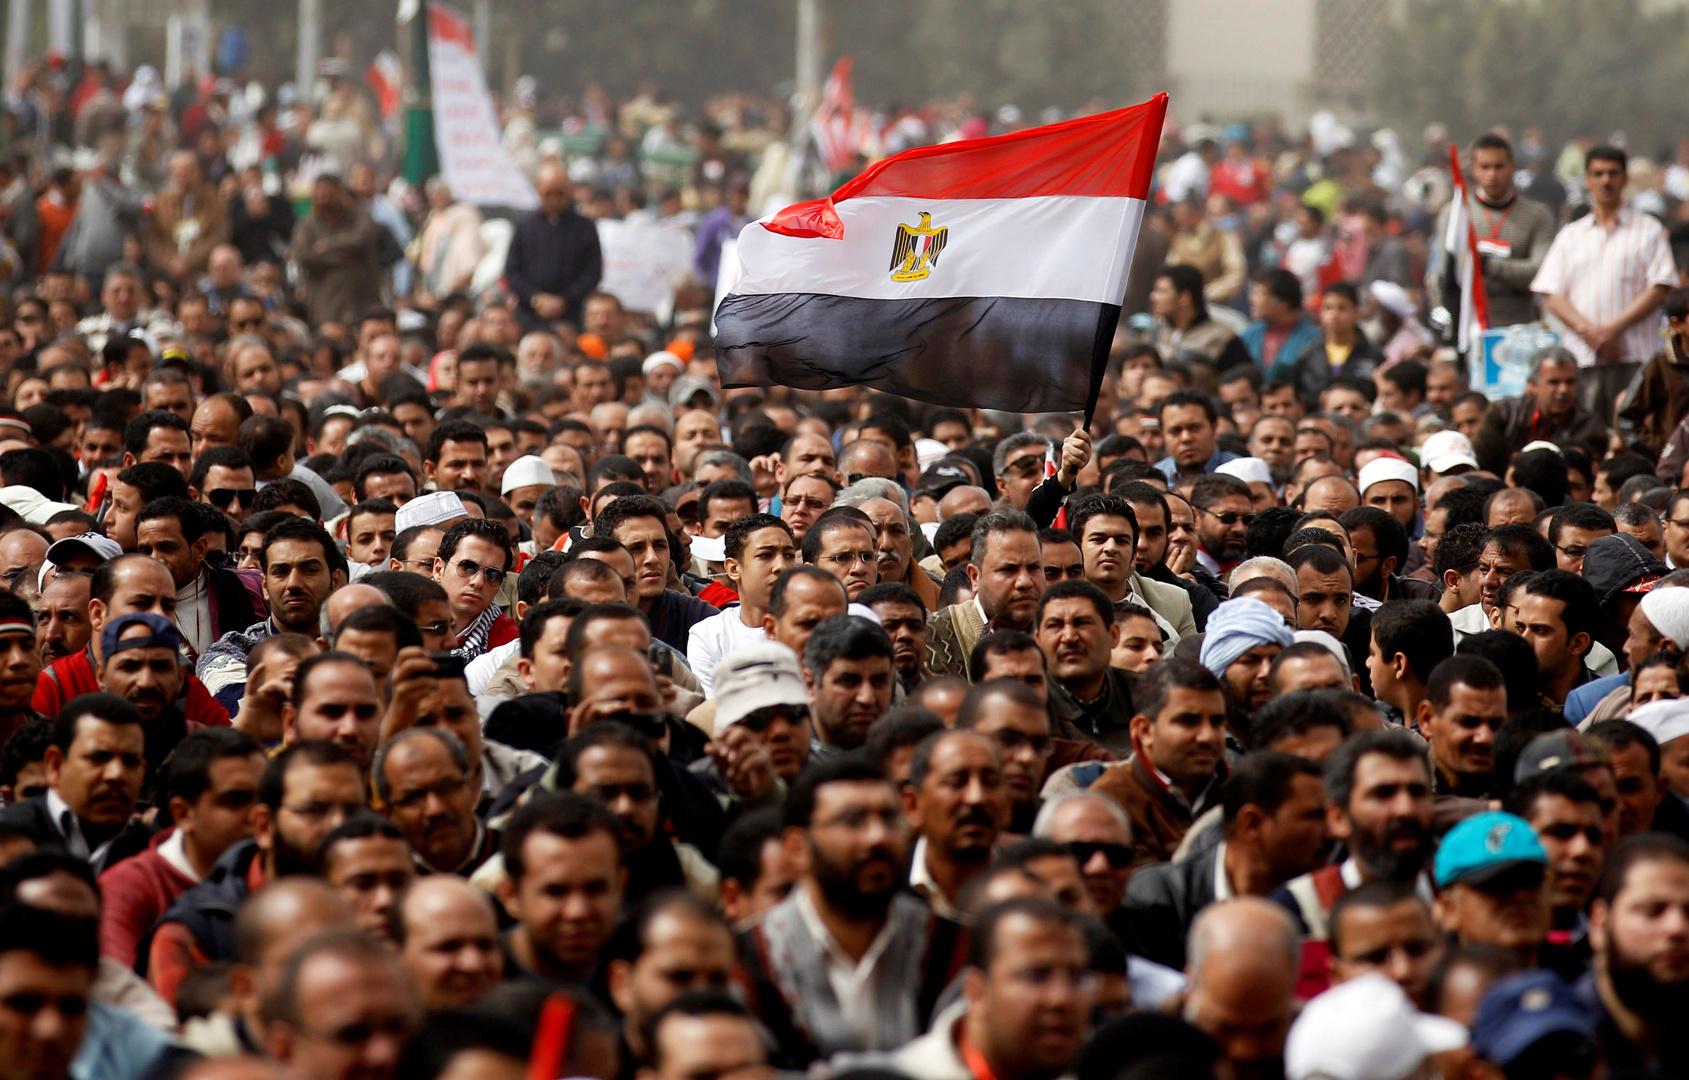 مصر.. وزير قطاع الأعمال يكشف بالتفصيل سبب تصفية أقدم وأعرق شركة منذ عهد عبد الناصر